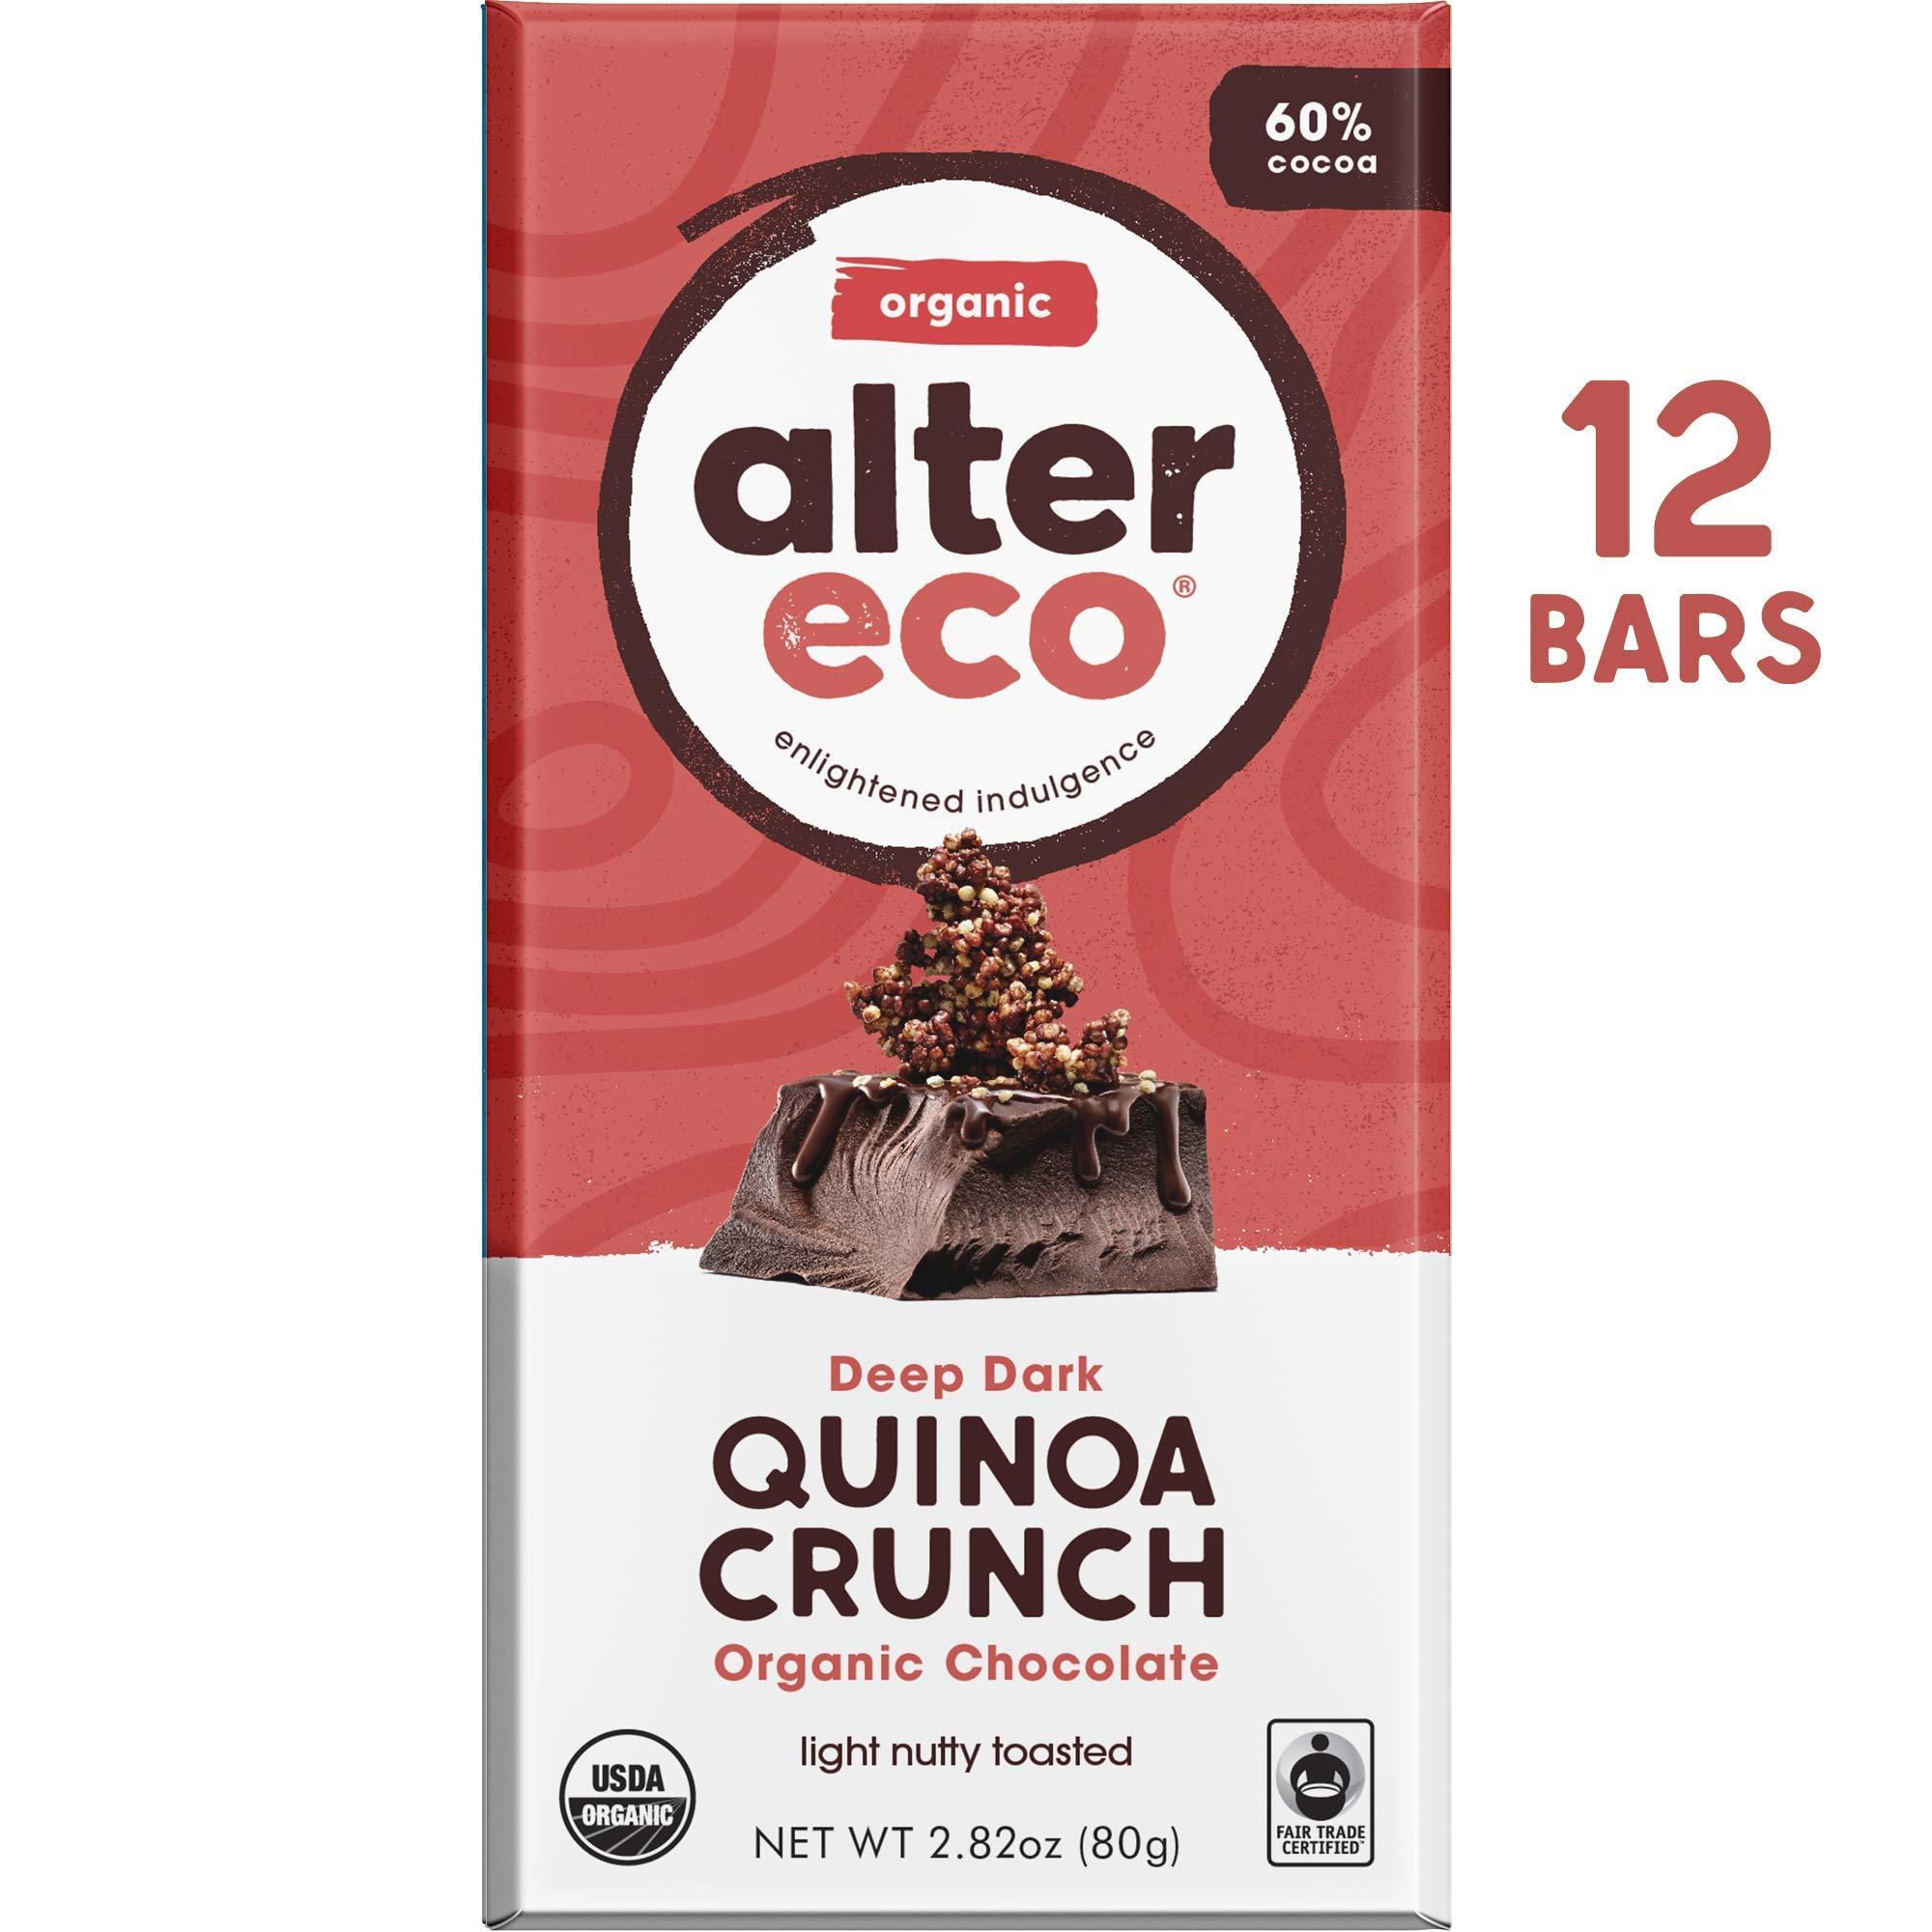 Alter Eco | Dark Quinoa Crunch | 60% Pure Dark Cocoa, Fair Trade, Organic, Non-GMO, Gluten Free Dark Chocolate Bar, 12 Bars by Alter Eco